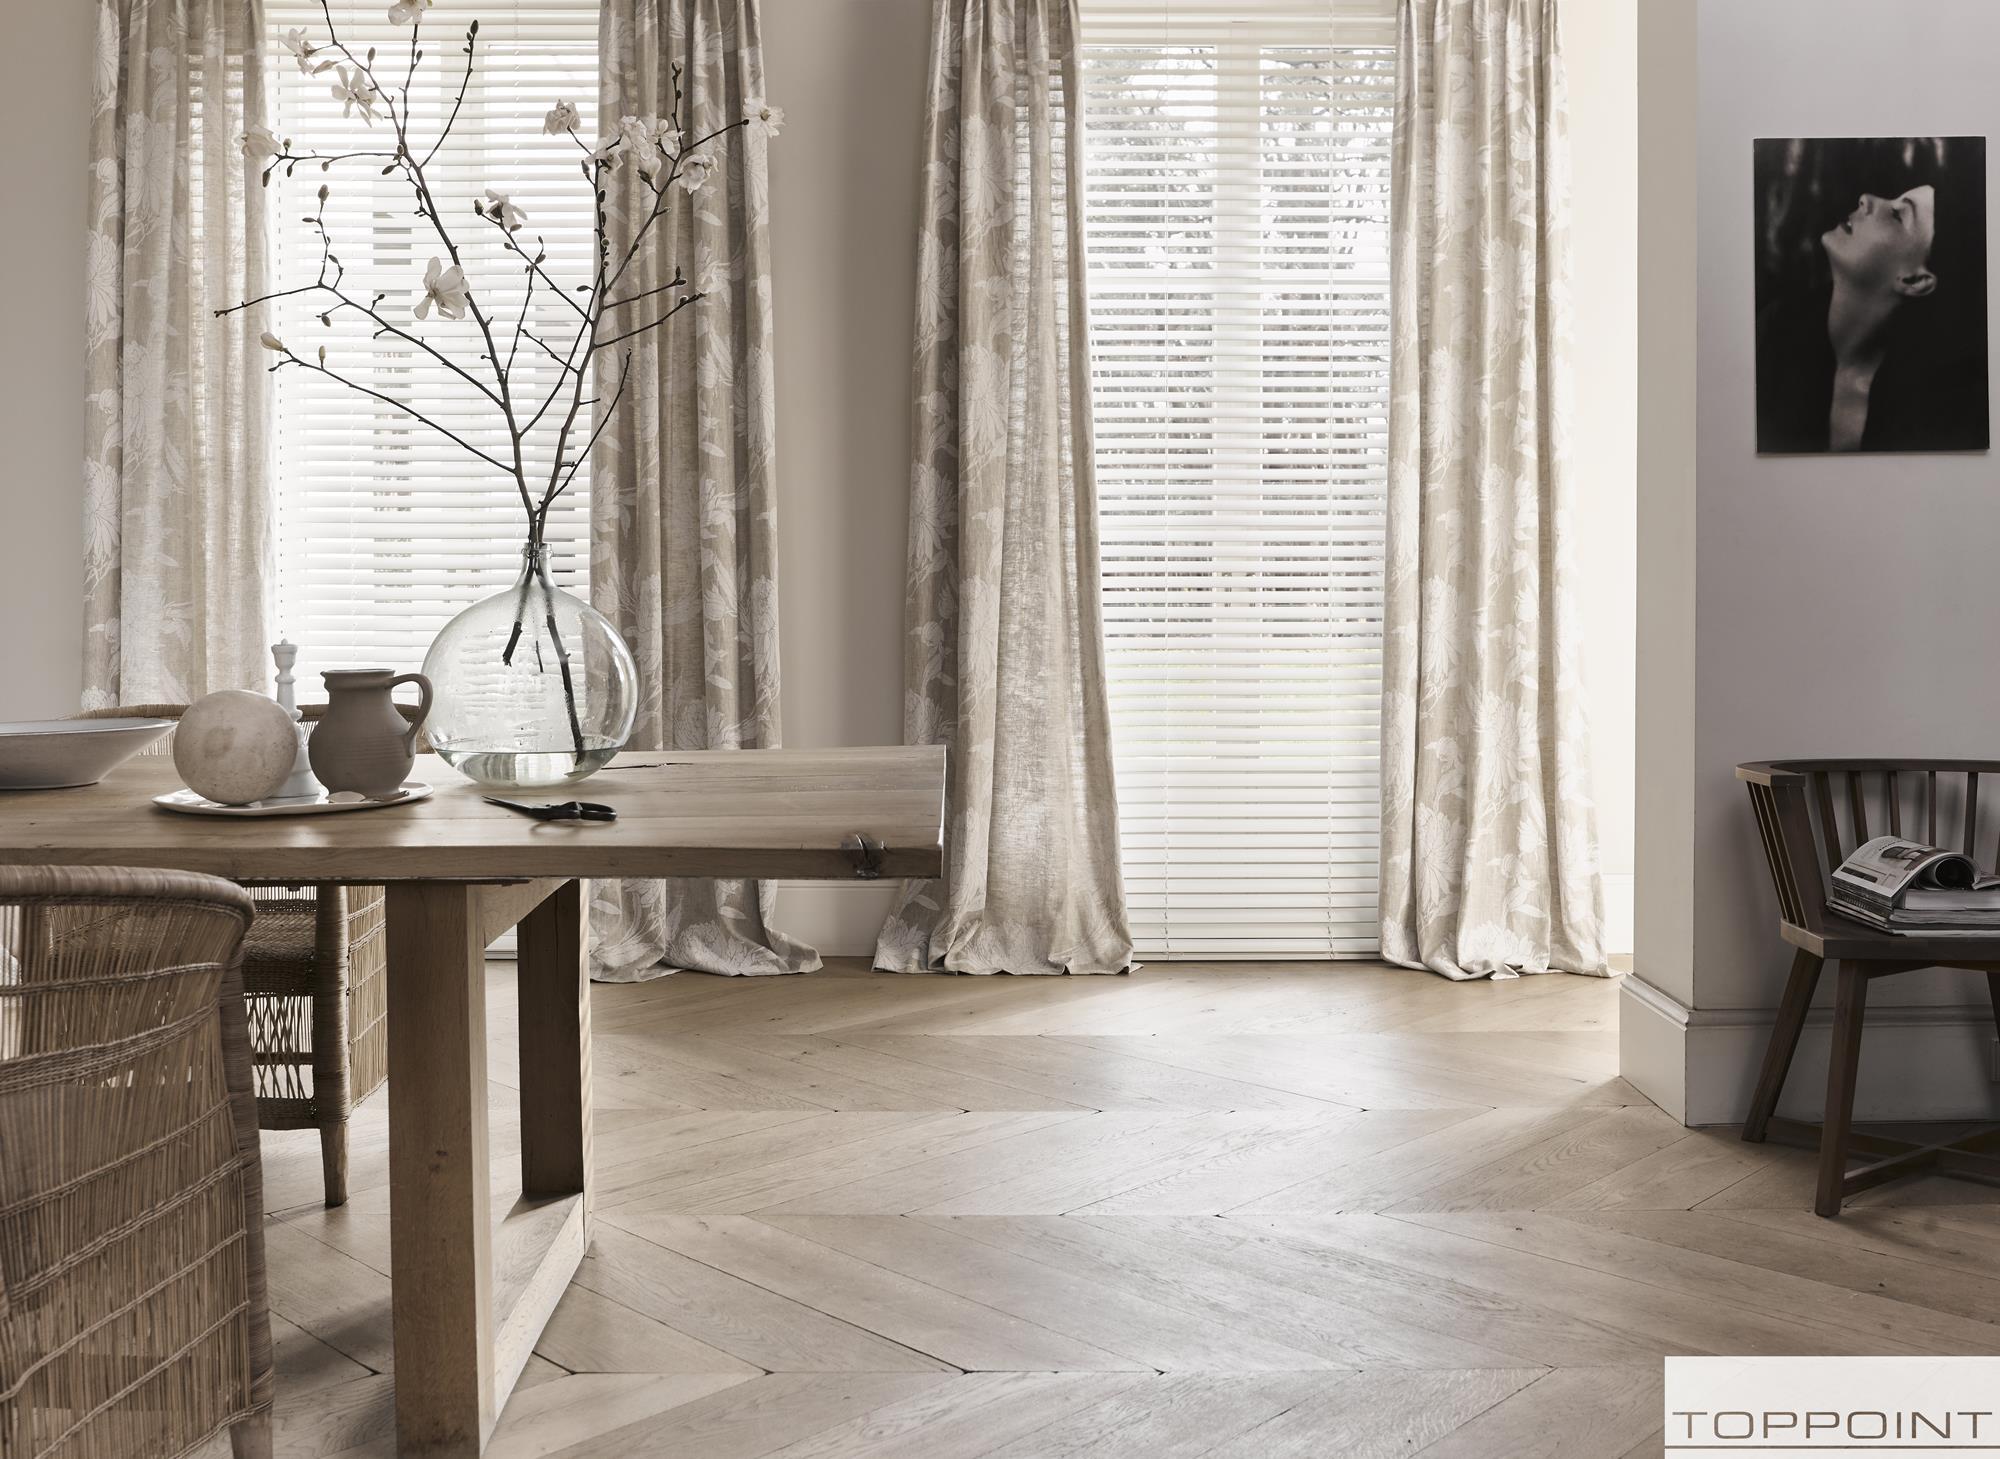 met gordijnen dan heeft u bovendien de voordelen van twee lagen raamdecoratie zoals een optimale warmte en geluidsisolatie en meer mogelijkheden om